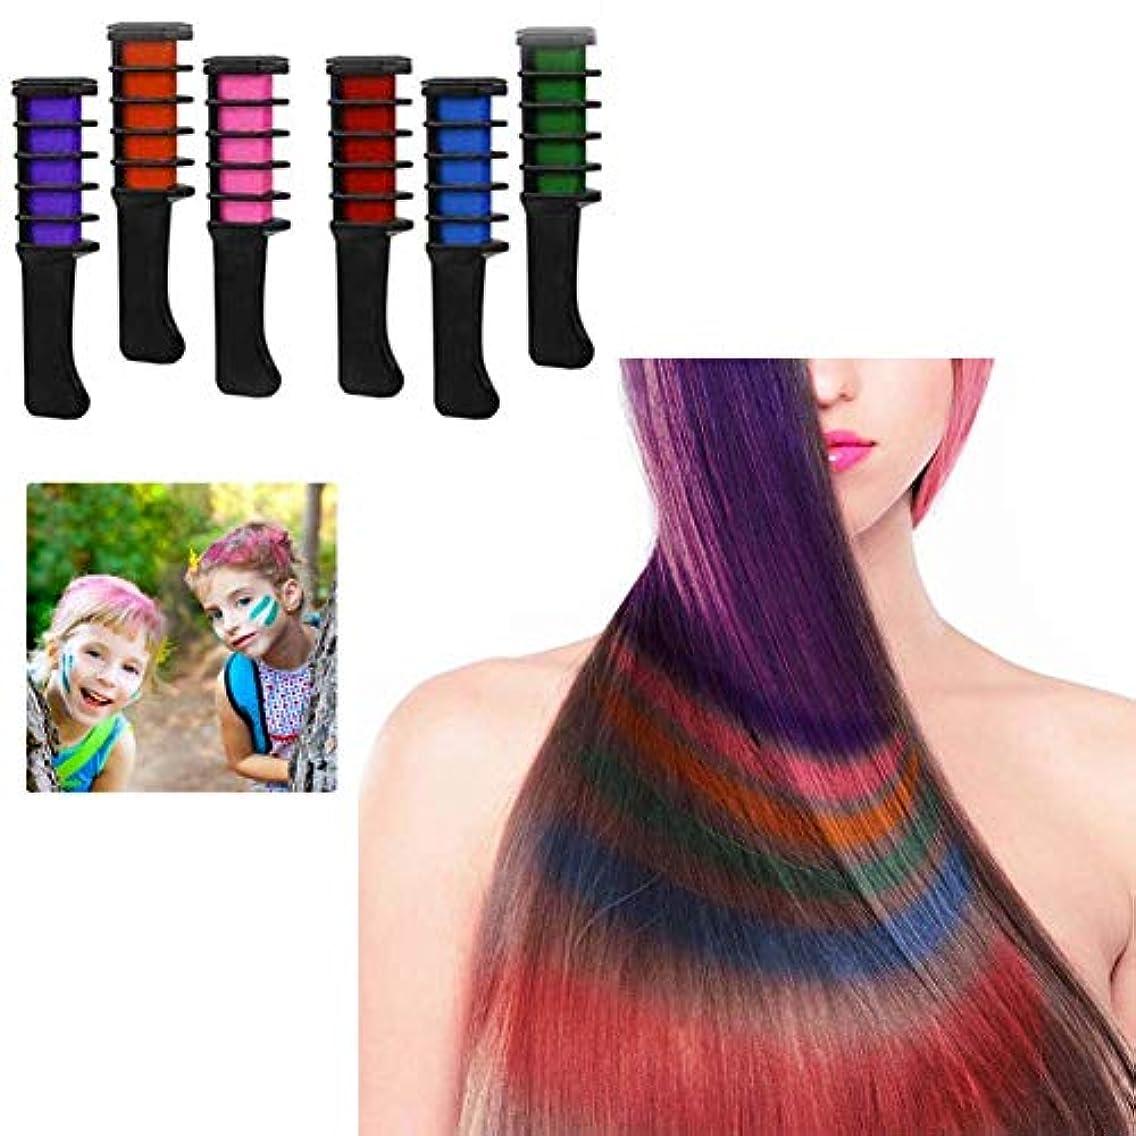 飼い慣らすリス揺れる髪染めツール使い捨てパーソナルサロンヘアカラーチョーク用ヘアダイヘアチョークくし